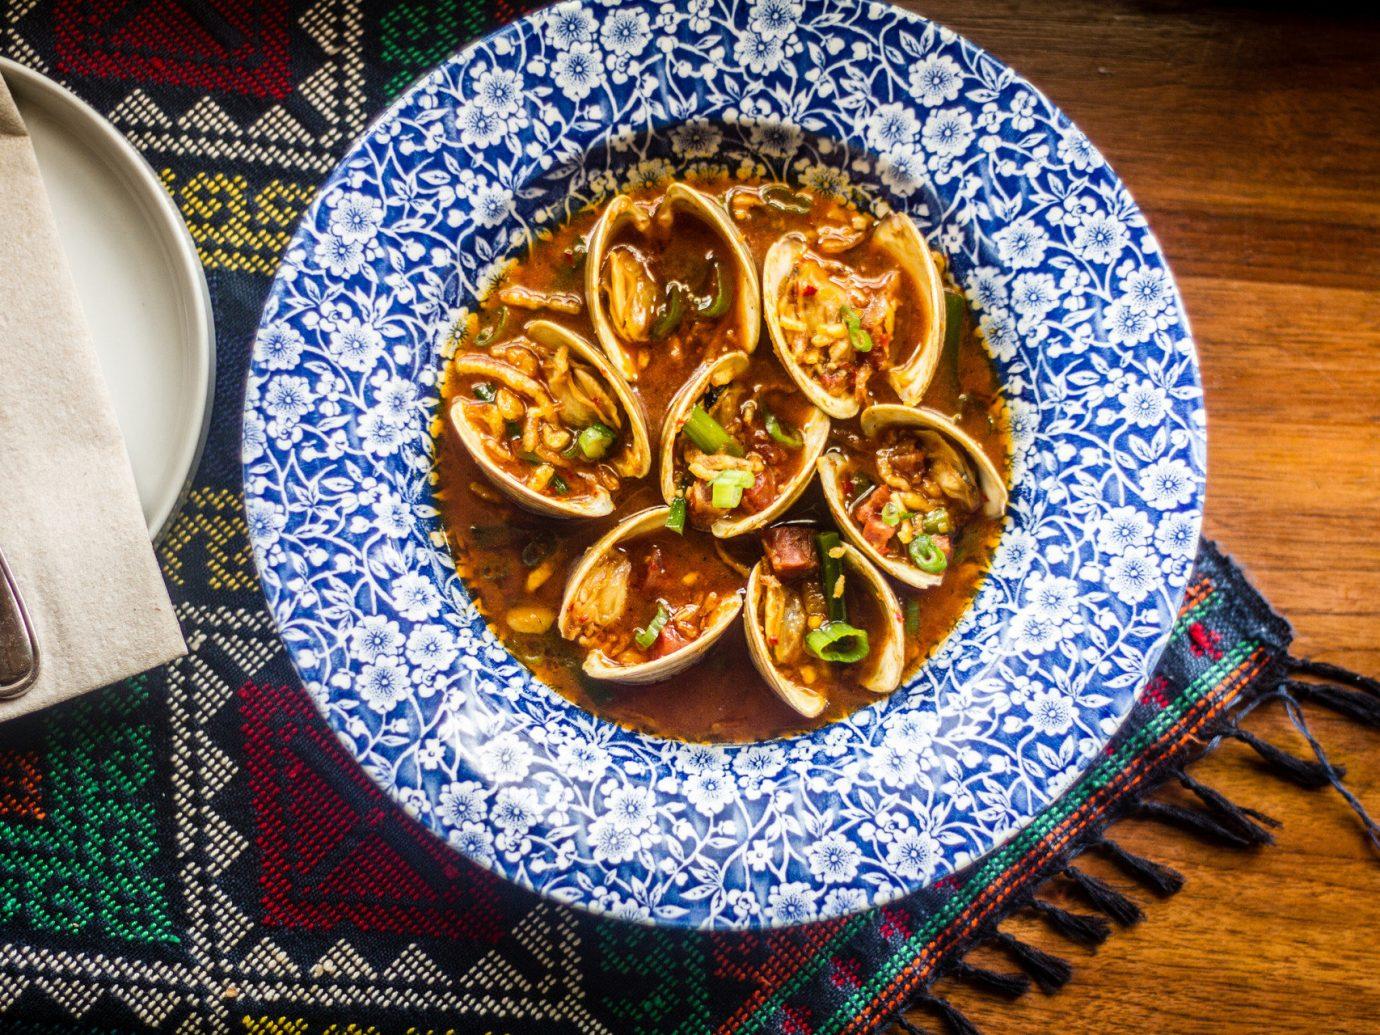 Food + Drink table plate food indoor floor art produce flower blue pattern meal vegetable